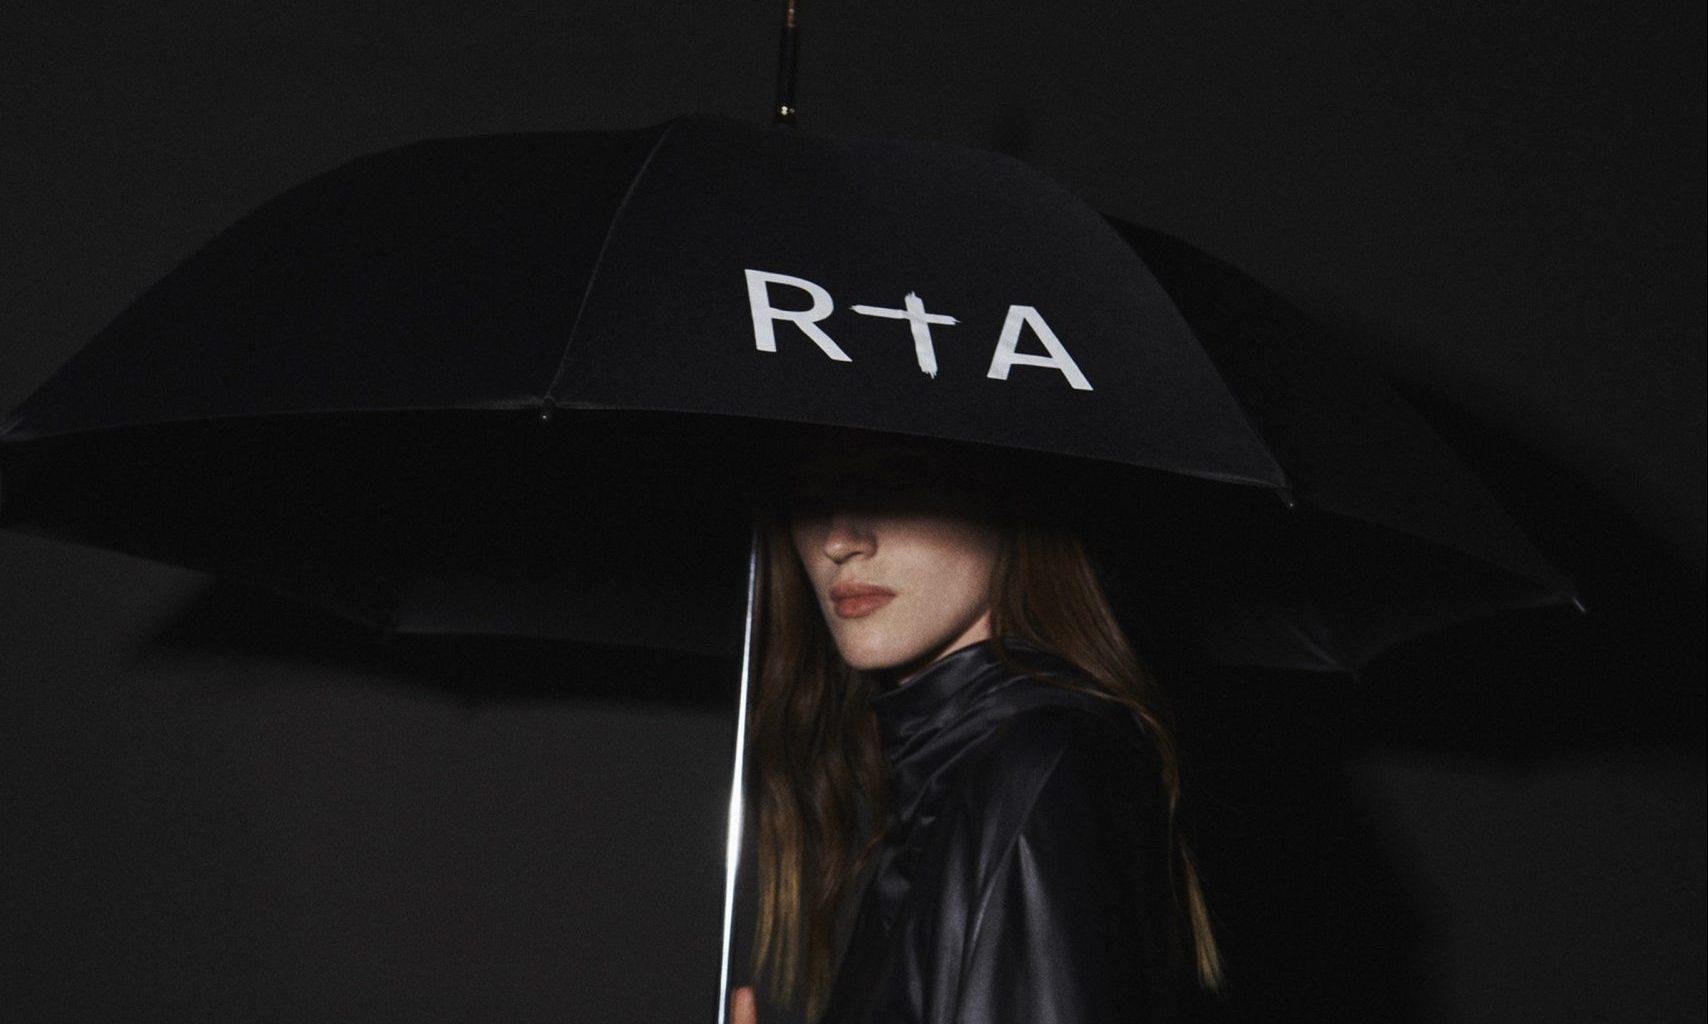 质感不俗,RtA 2021 秋冬成衣系列正式发布